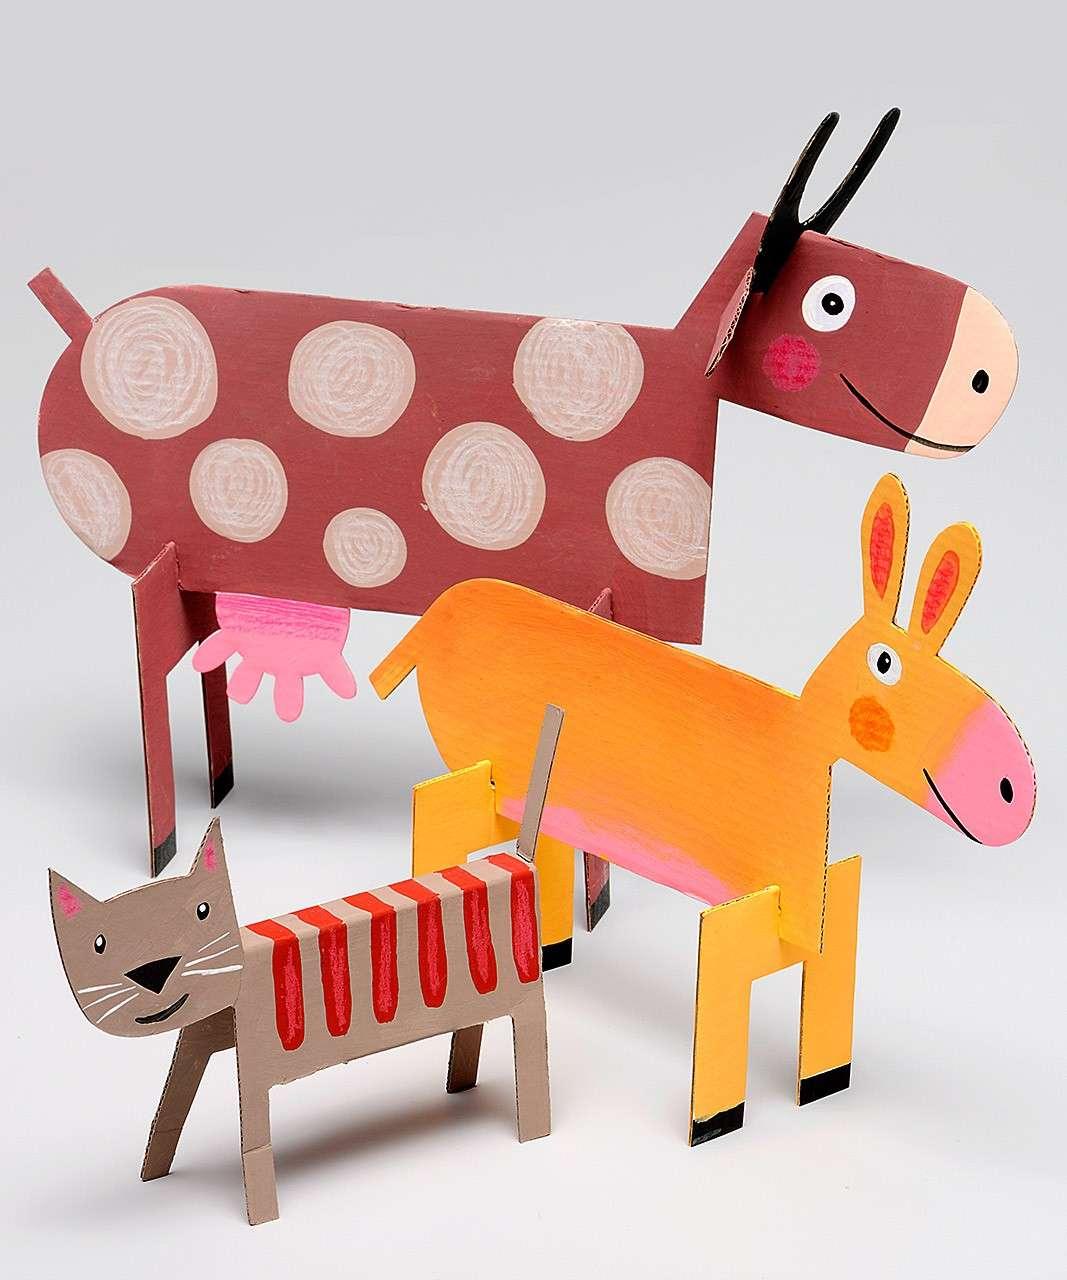 Lavoretti creativi: tanti animali fai da te [FOTO]